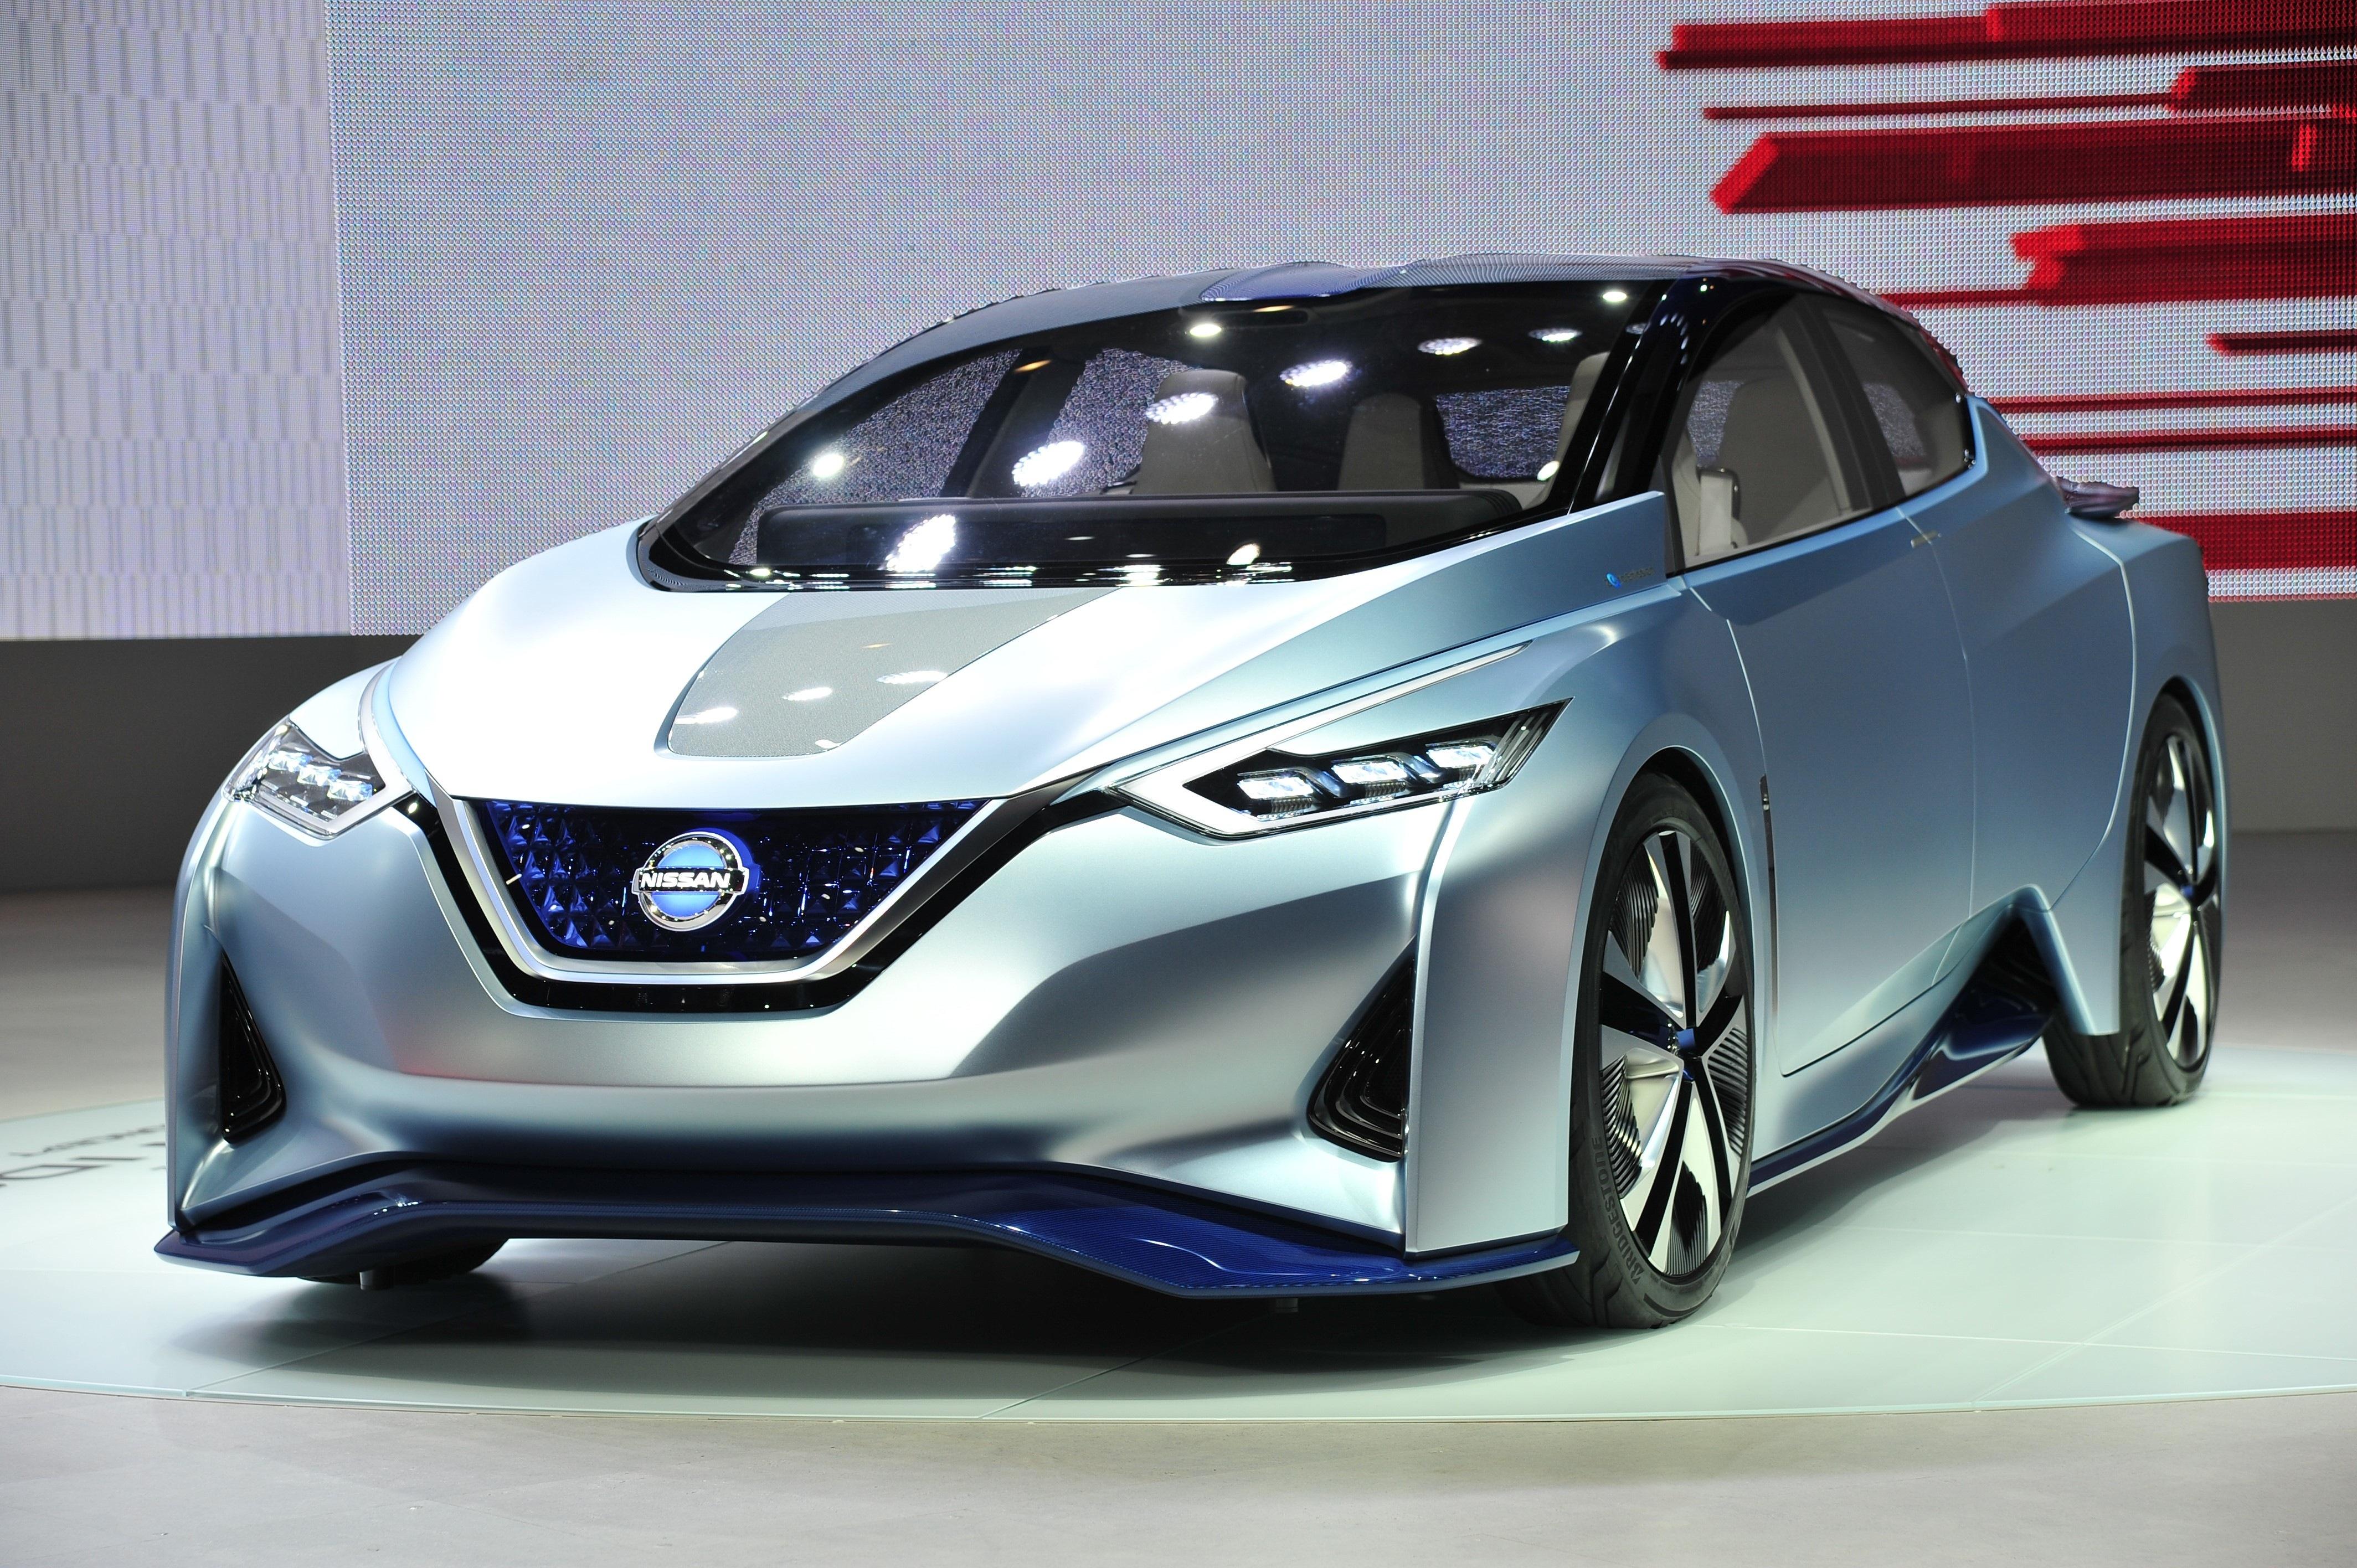 Nissan Ids Concept At Tokyo Motor Show Is Carbon Fiber Drives Itself Repairer Driven Newsrepairer News